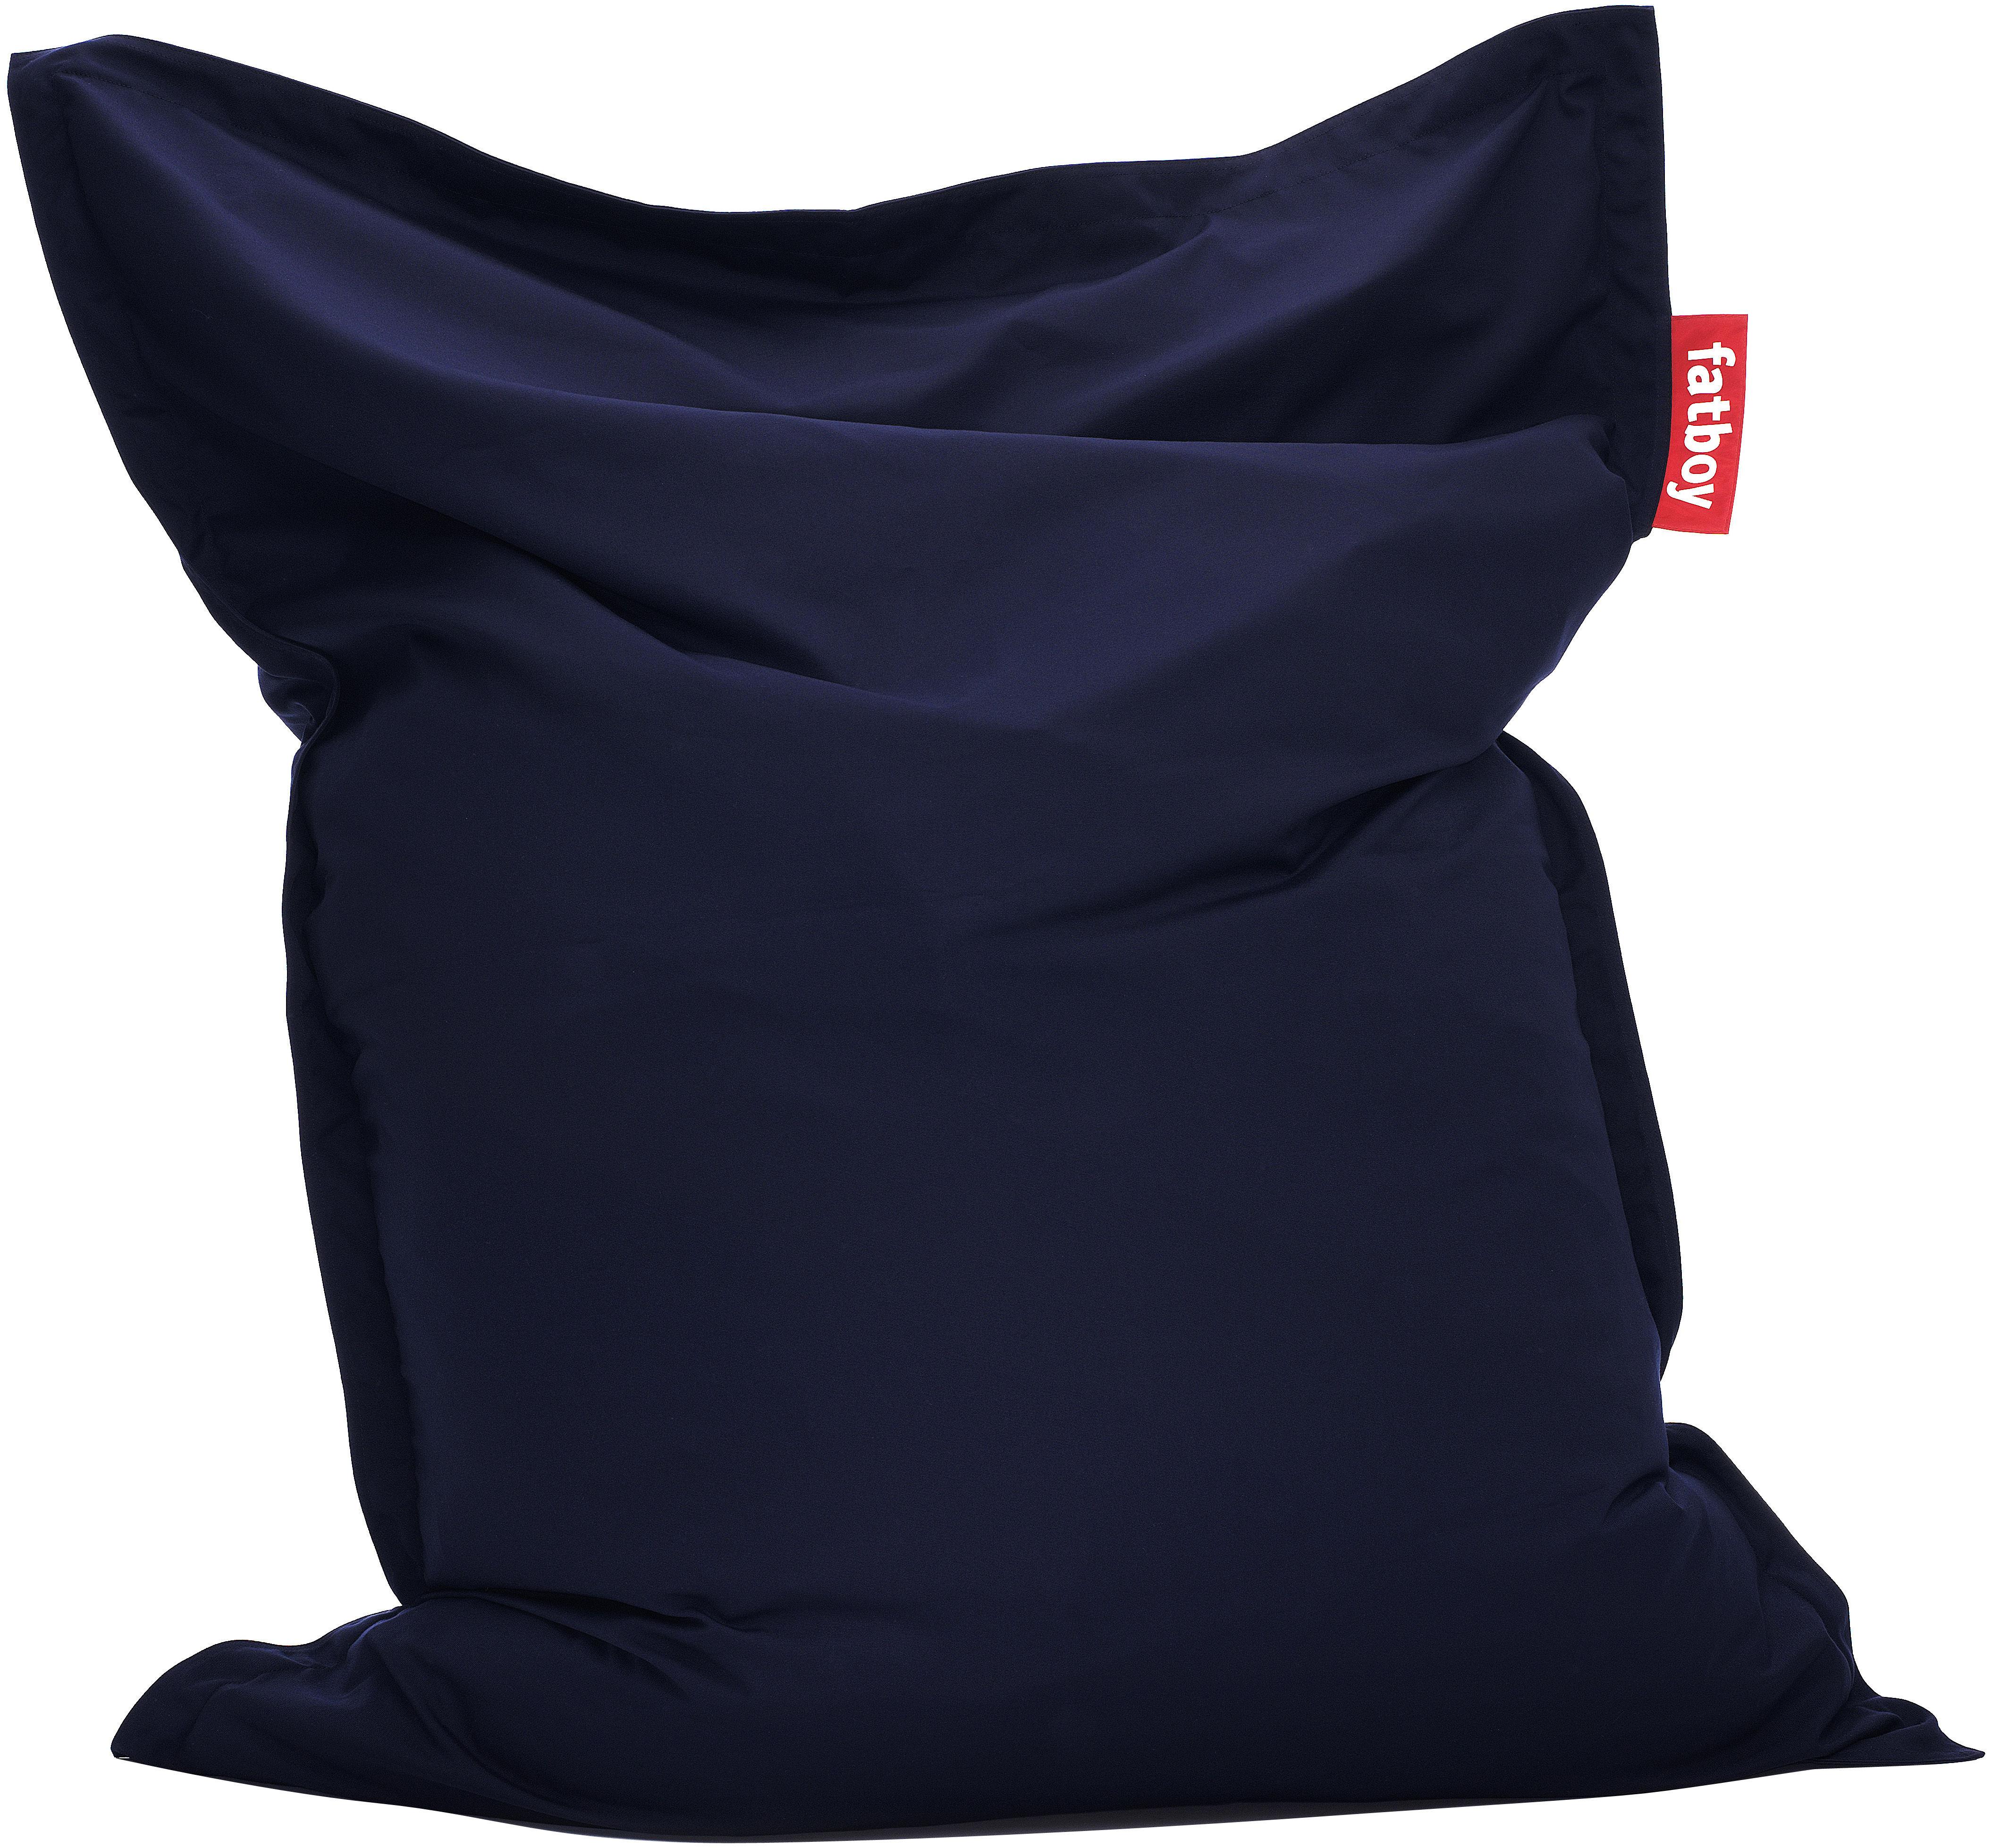 Mobilier - Mobilier Ados - Pouf The Original Outdoor / Pour l'extérieur - Fatboy - Bleu marine - Microbilles de polystyrène, Toile acrylique